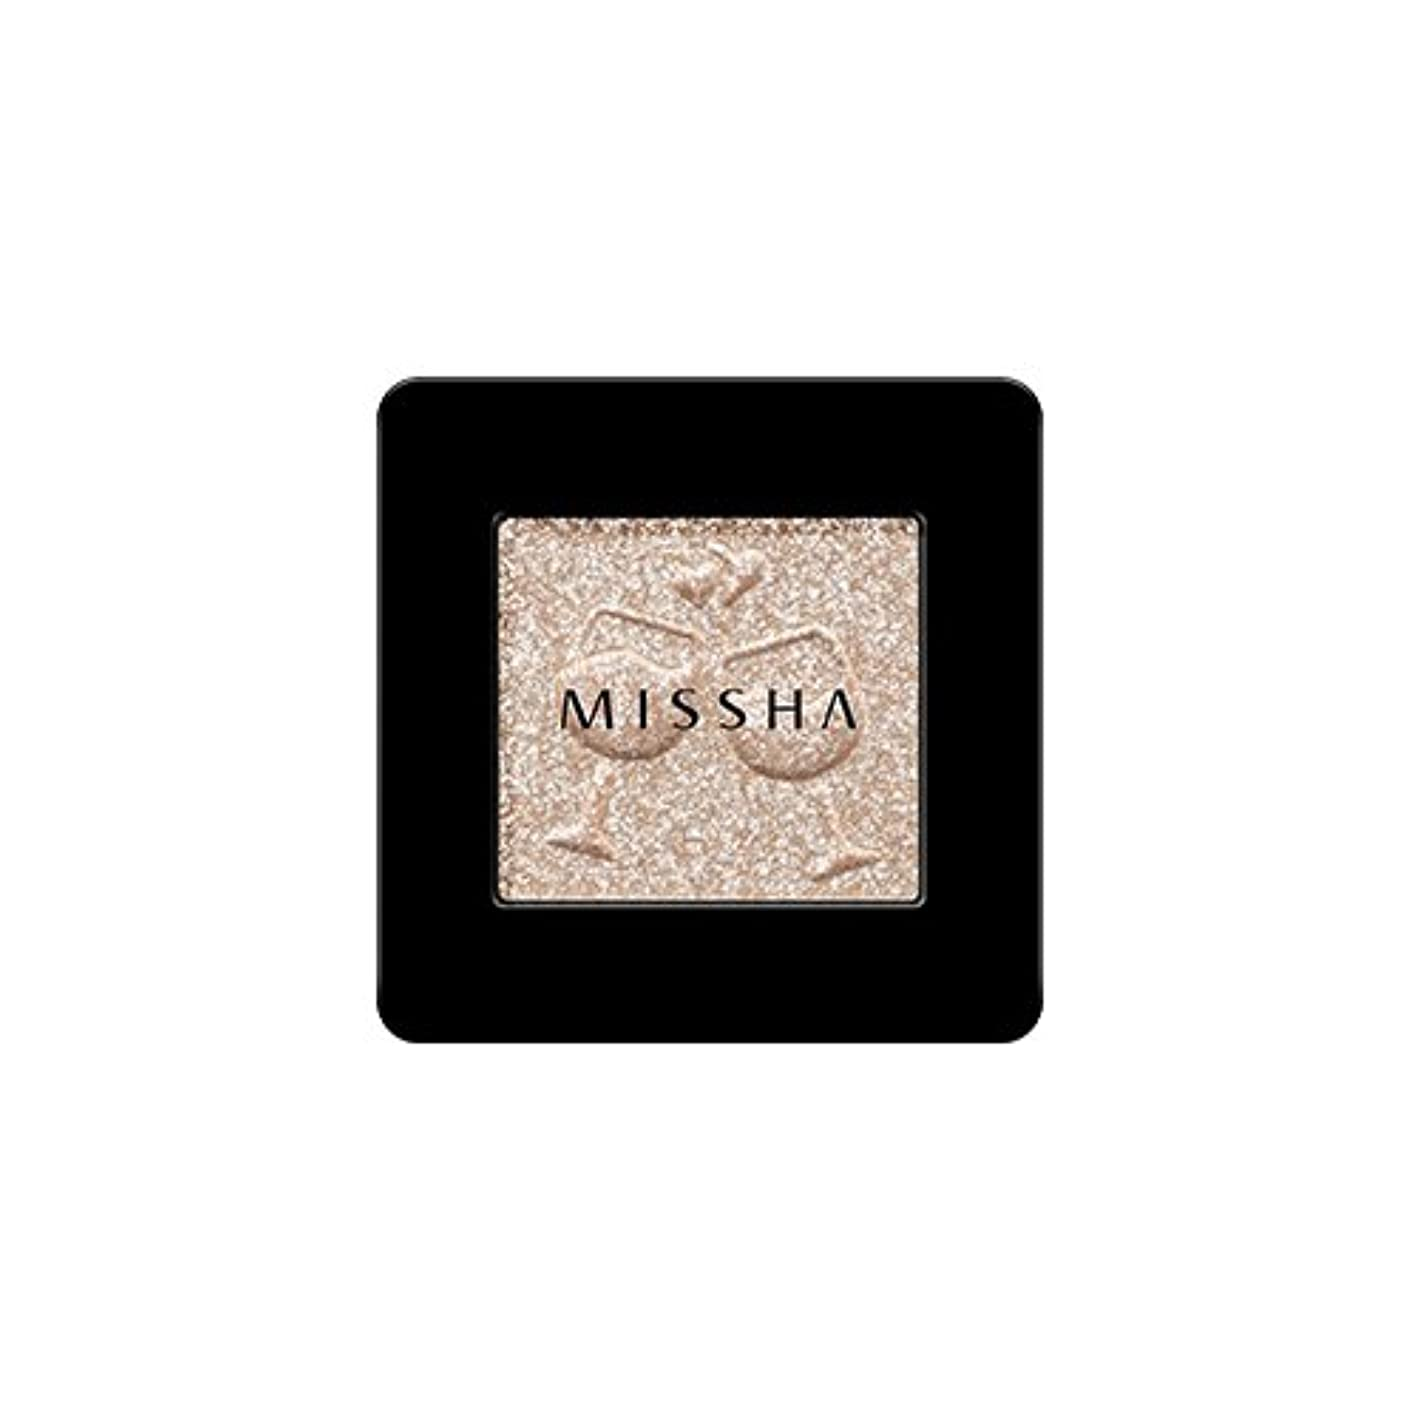 普遍的な通信網実際[2016 F/W New Color] MISSHA Modern Shadow [Glitter]/ミシャ モダン シャドウ [グリッター] (#GBE03 Vanilla Champagne)